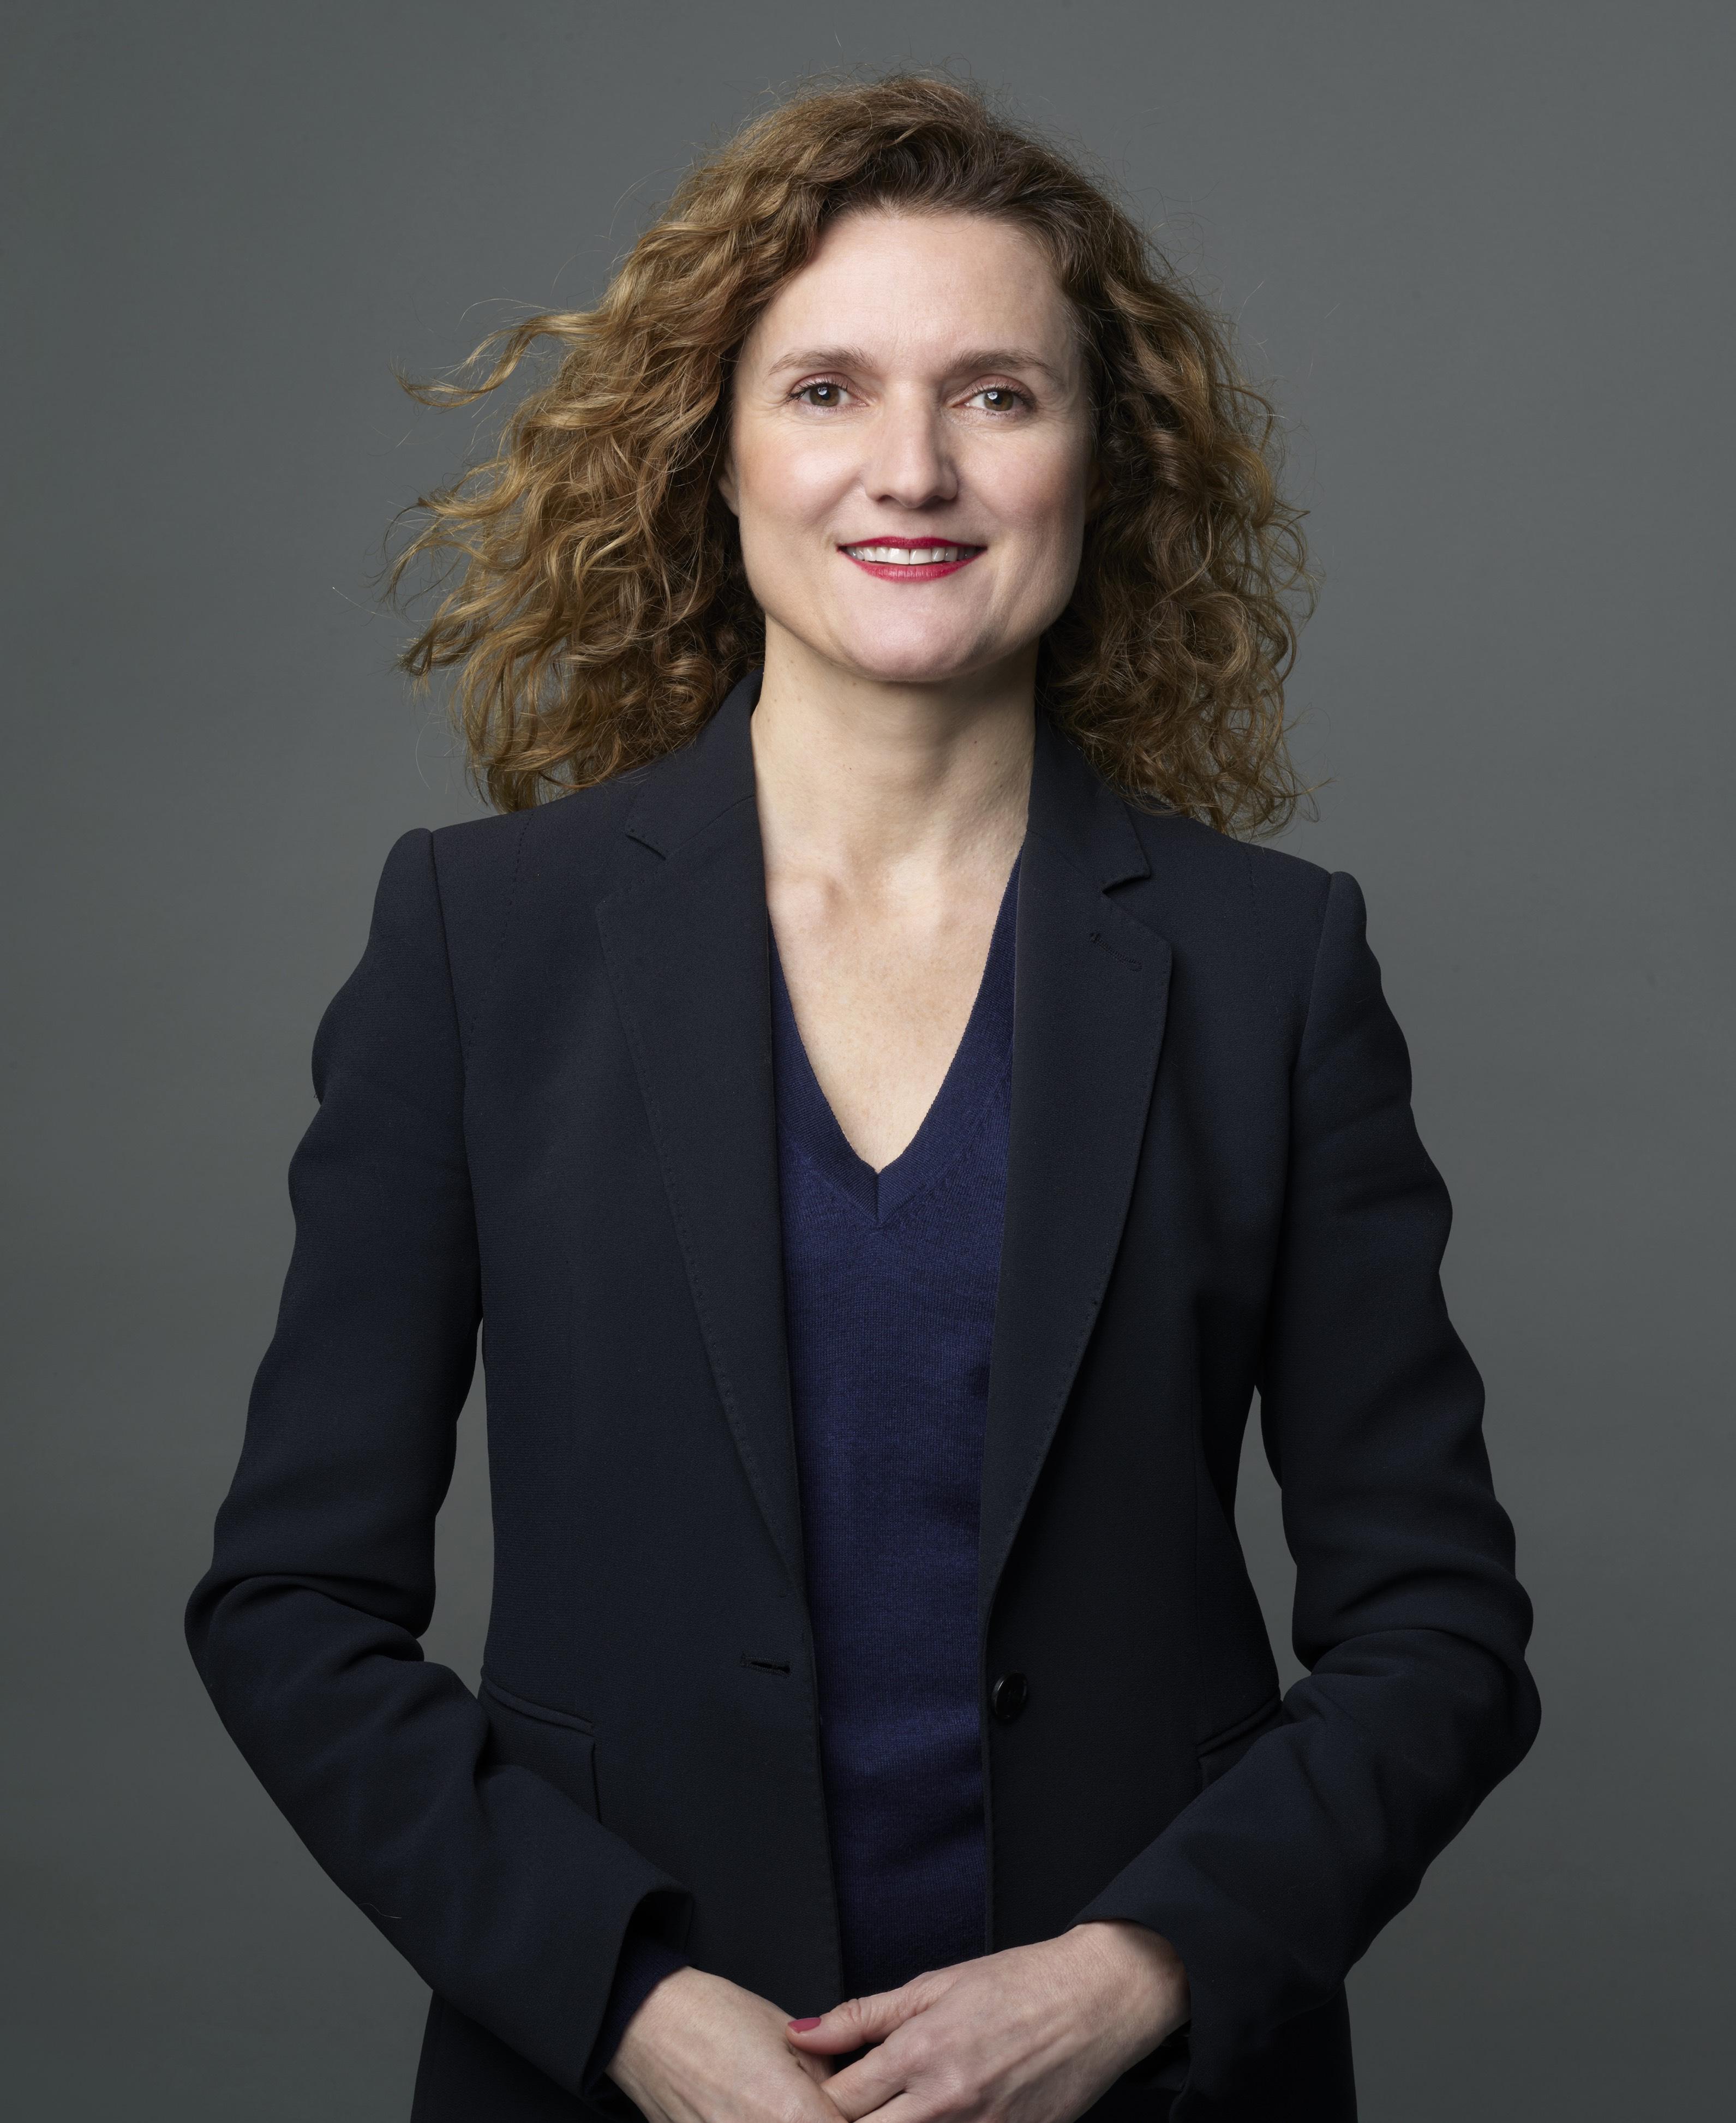 Barbara Werschine